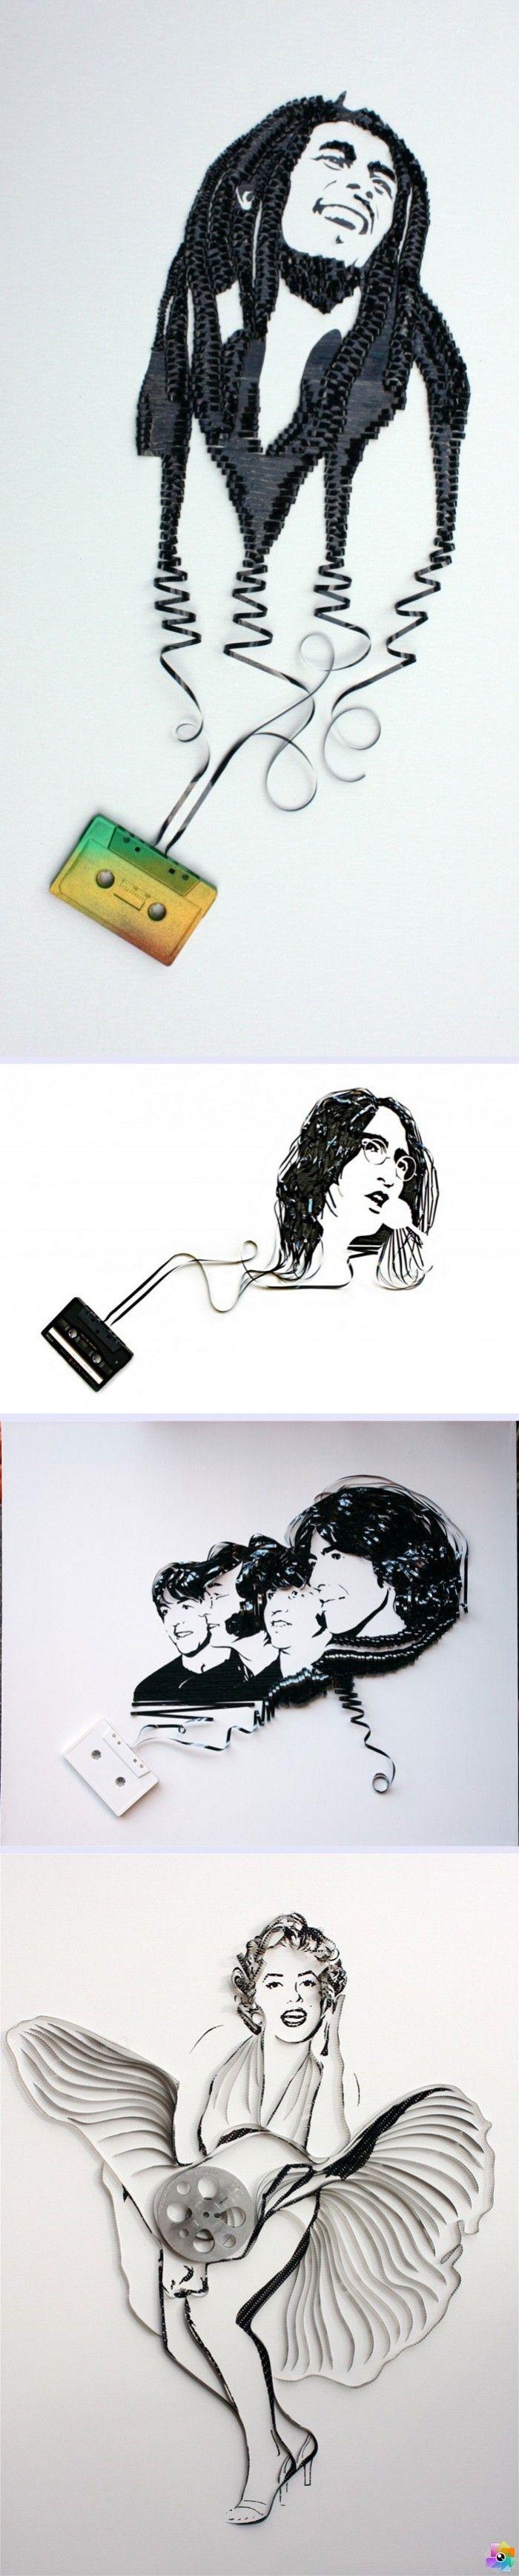 Pop Kültür İkonlarının Kasetlerden Portreleri www.4finite.com